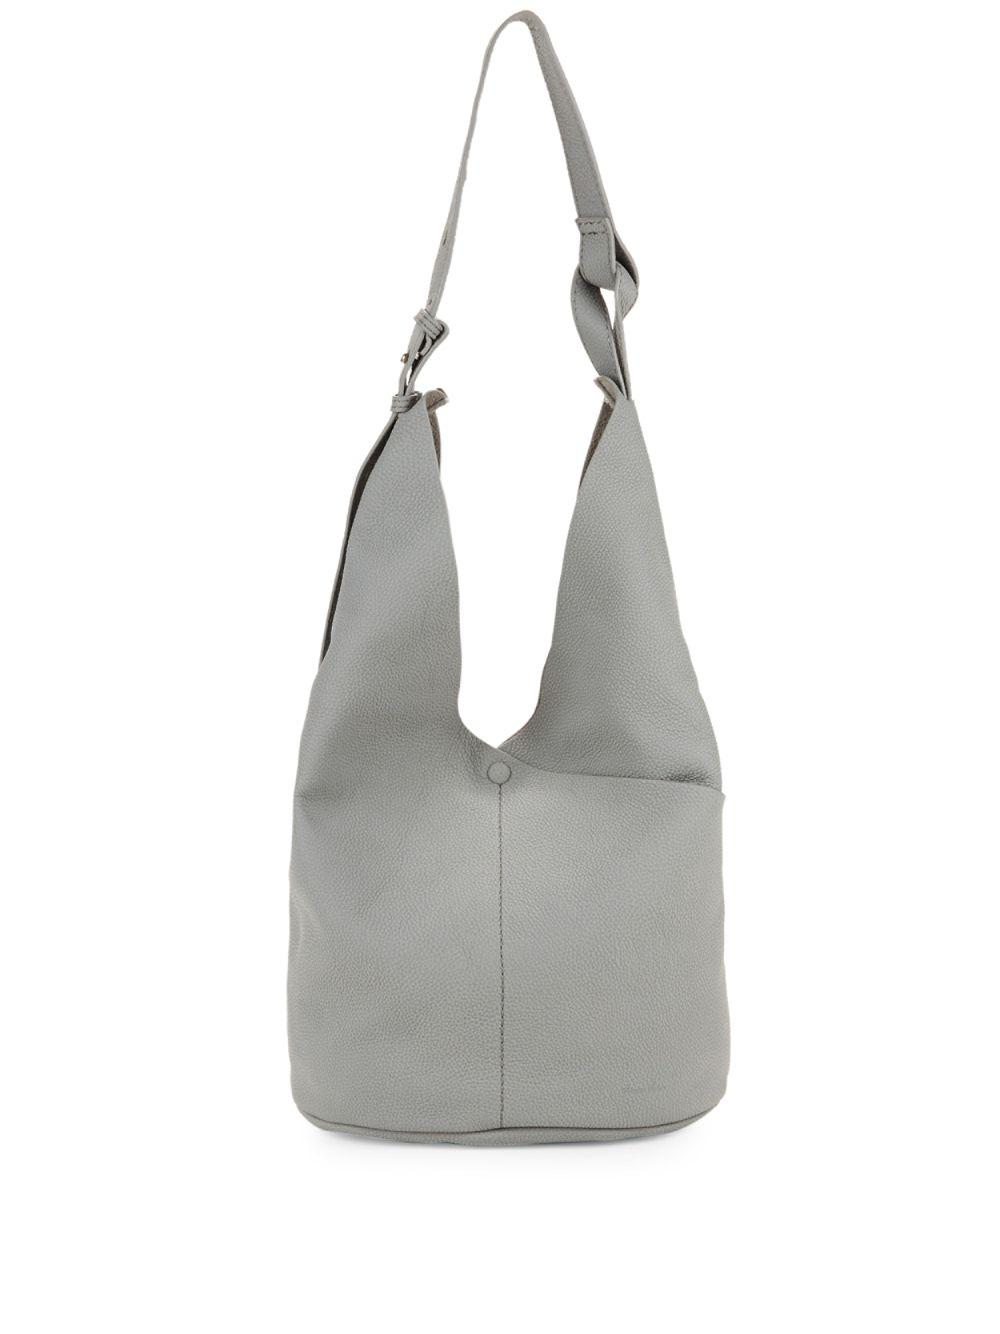 7bd64aaa46b Steven Alan Etta Leather Hobo Bag in Gray - Lyst